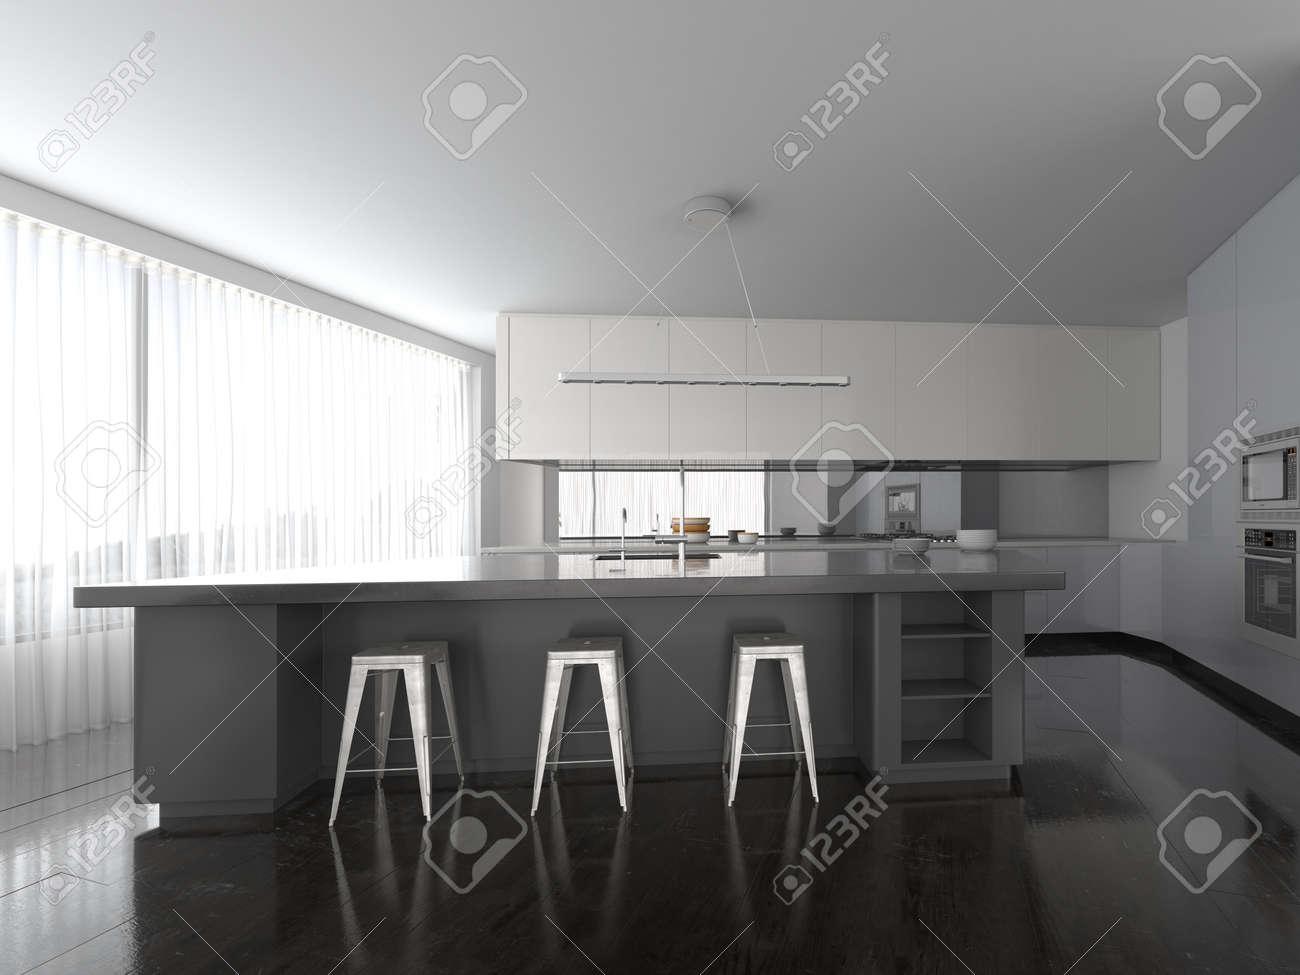 Sgabelli cucina bianco: sgabelli cucina soggiorno in ecopelle ...